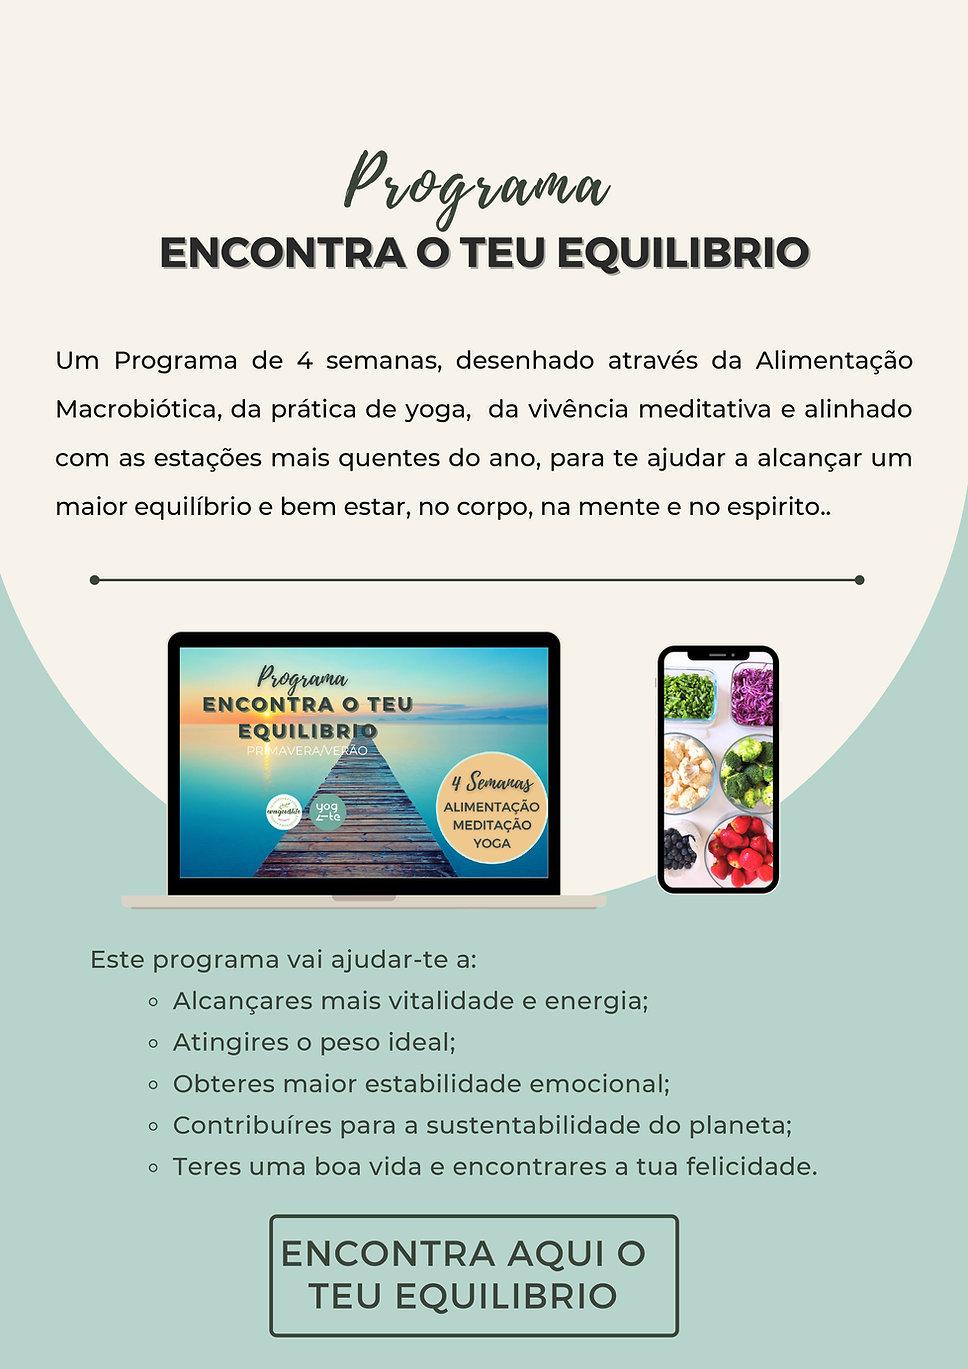 PARA COMPRAR _ ENCONTRA O TEU EQUILIBRIO AQUI.jpg